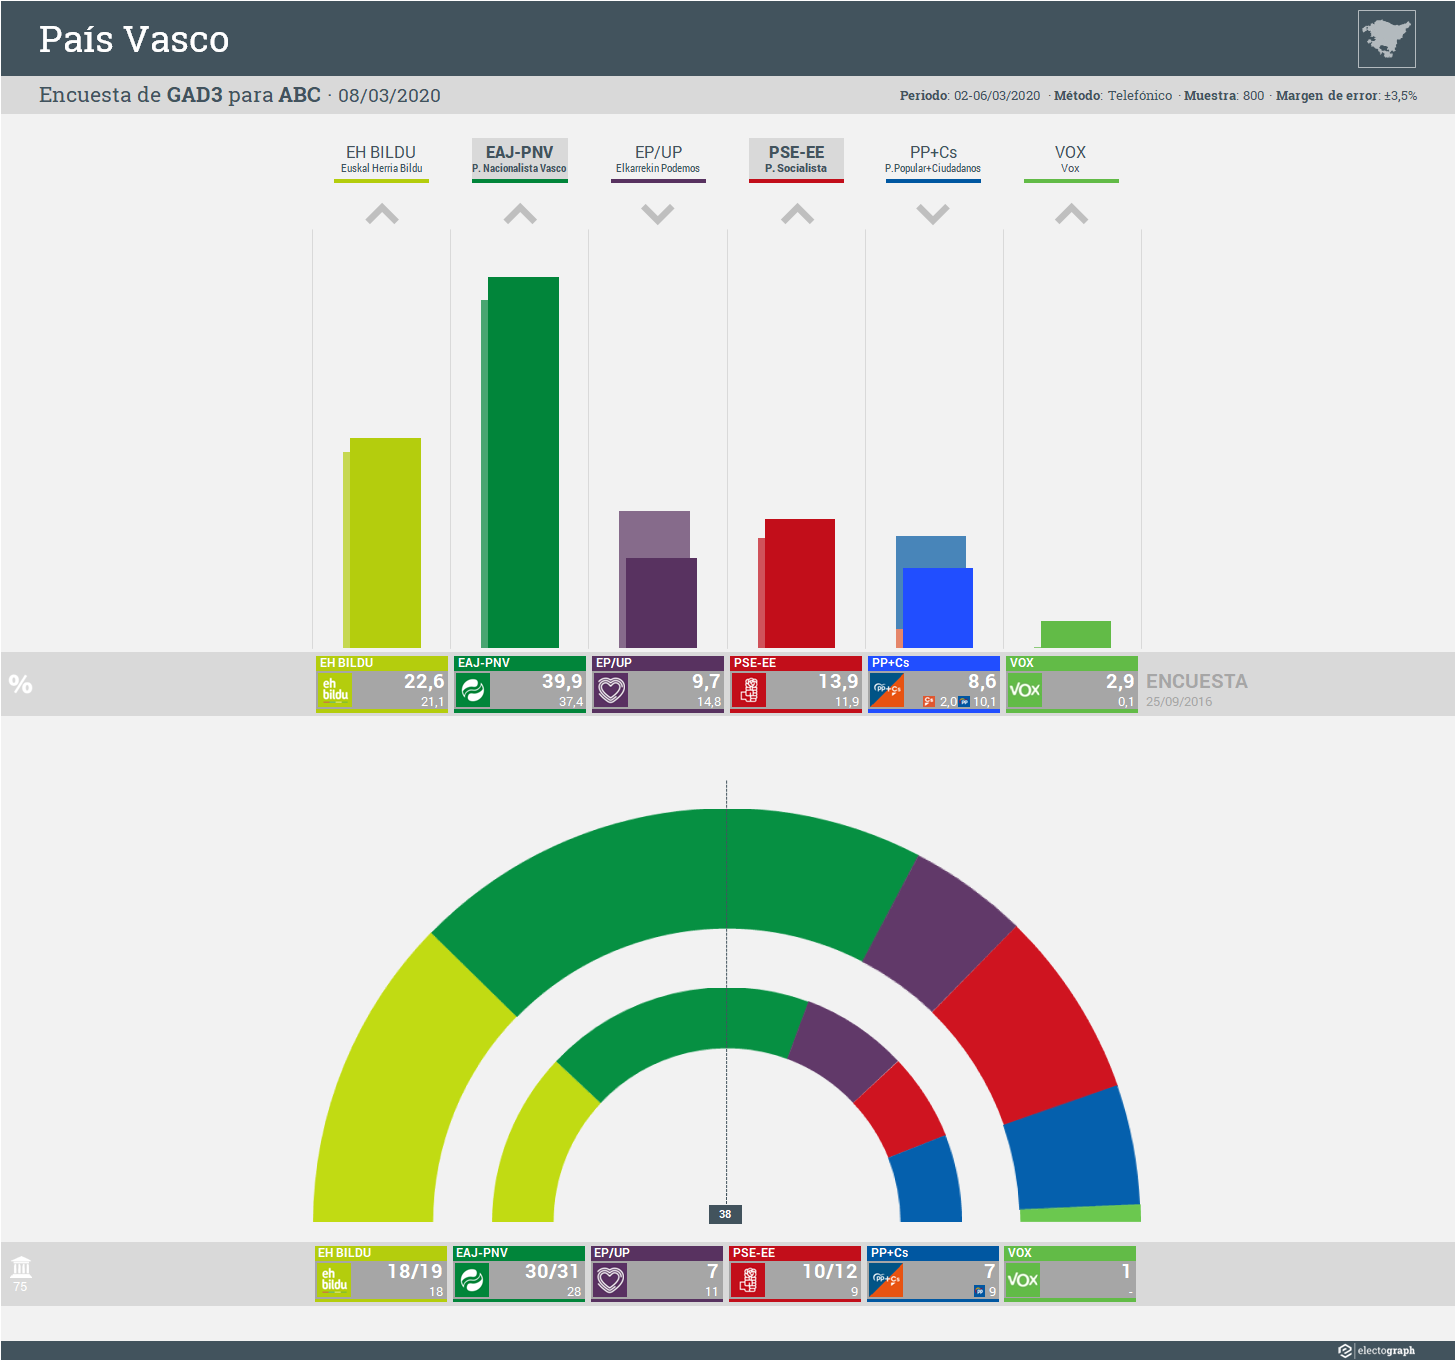 Gráfico de la encuesta para elecciones autonómicas en el País Vasco realizada por GAD3 para ABC, 8 de marzo de 2020